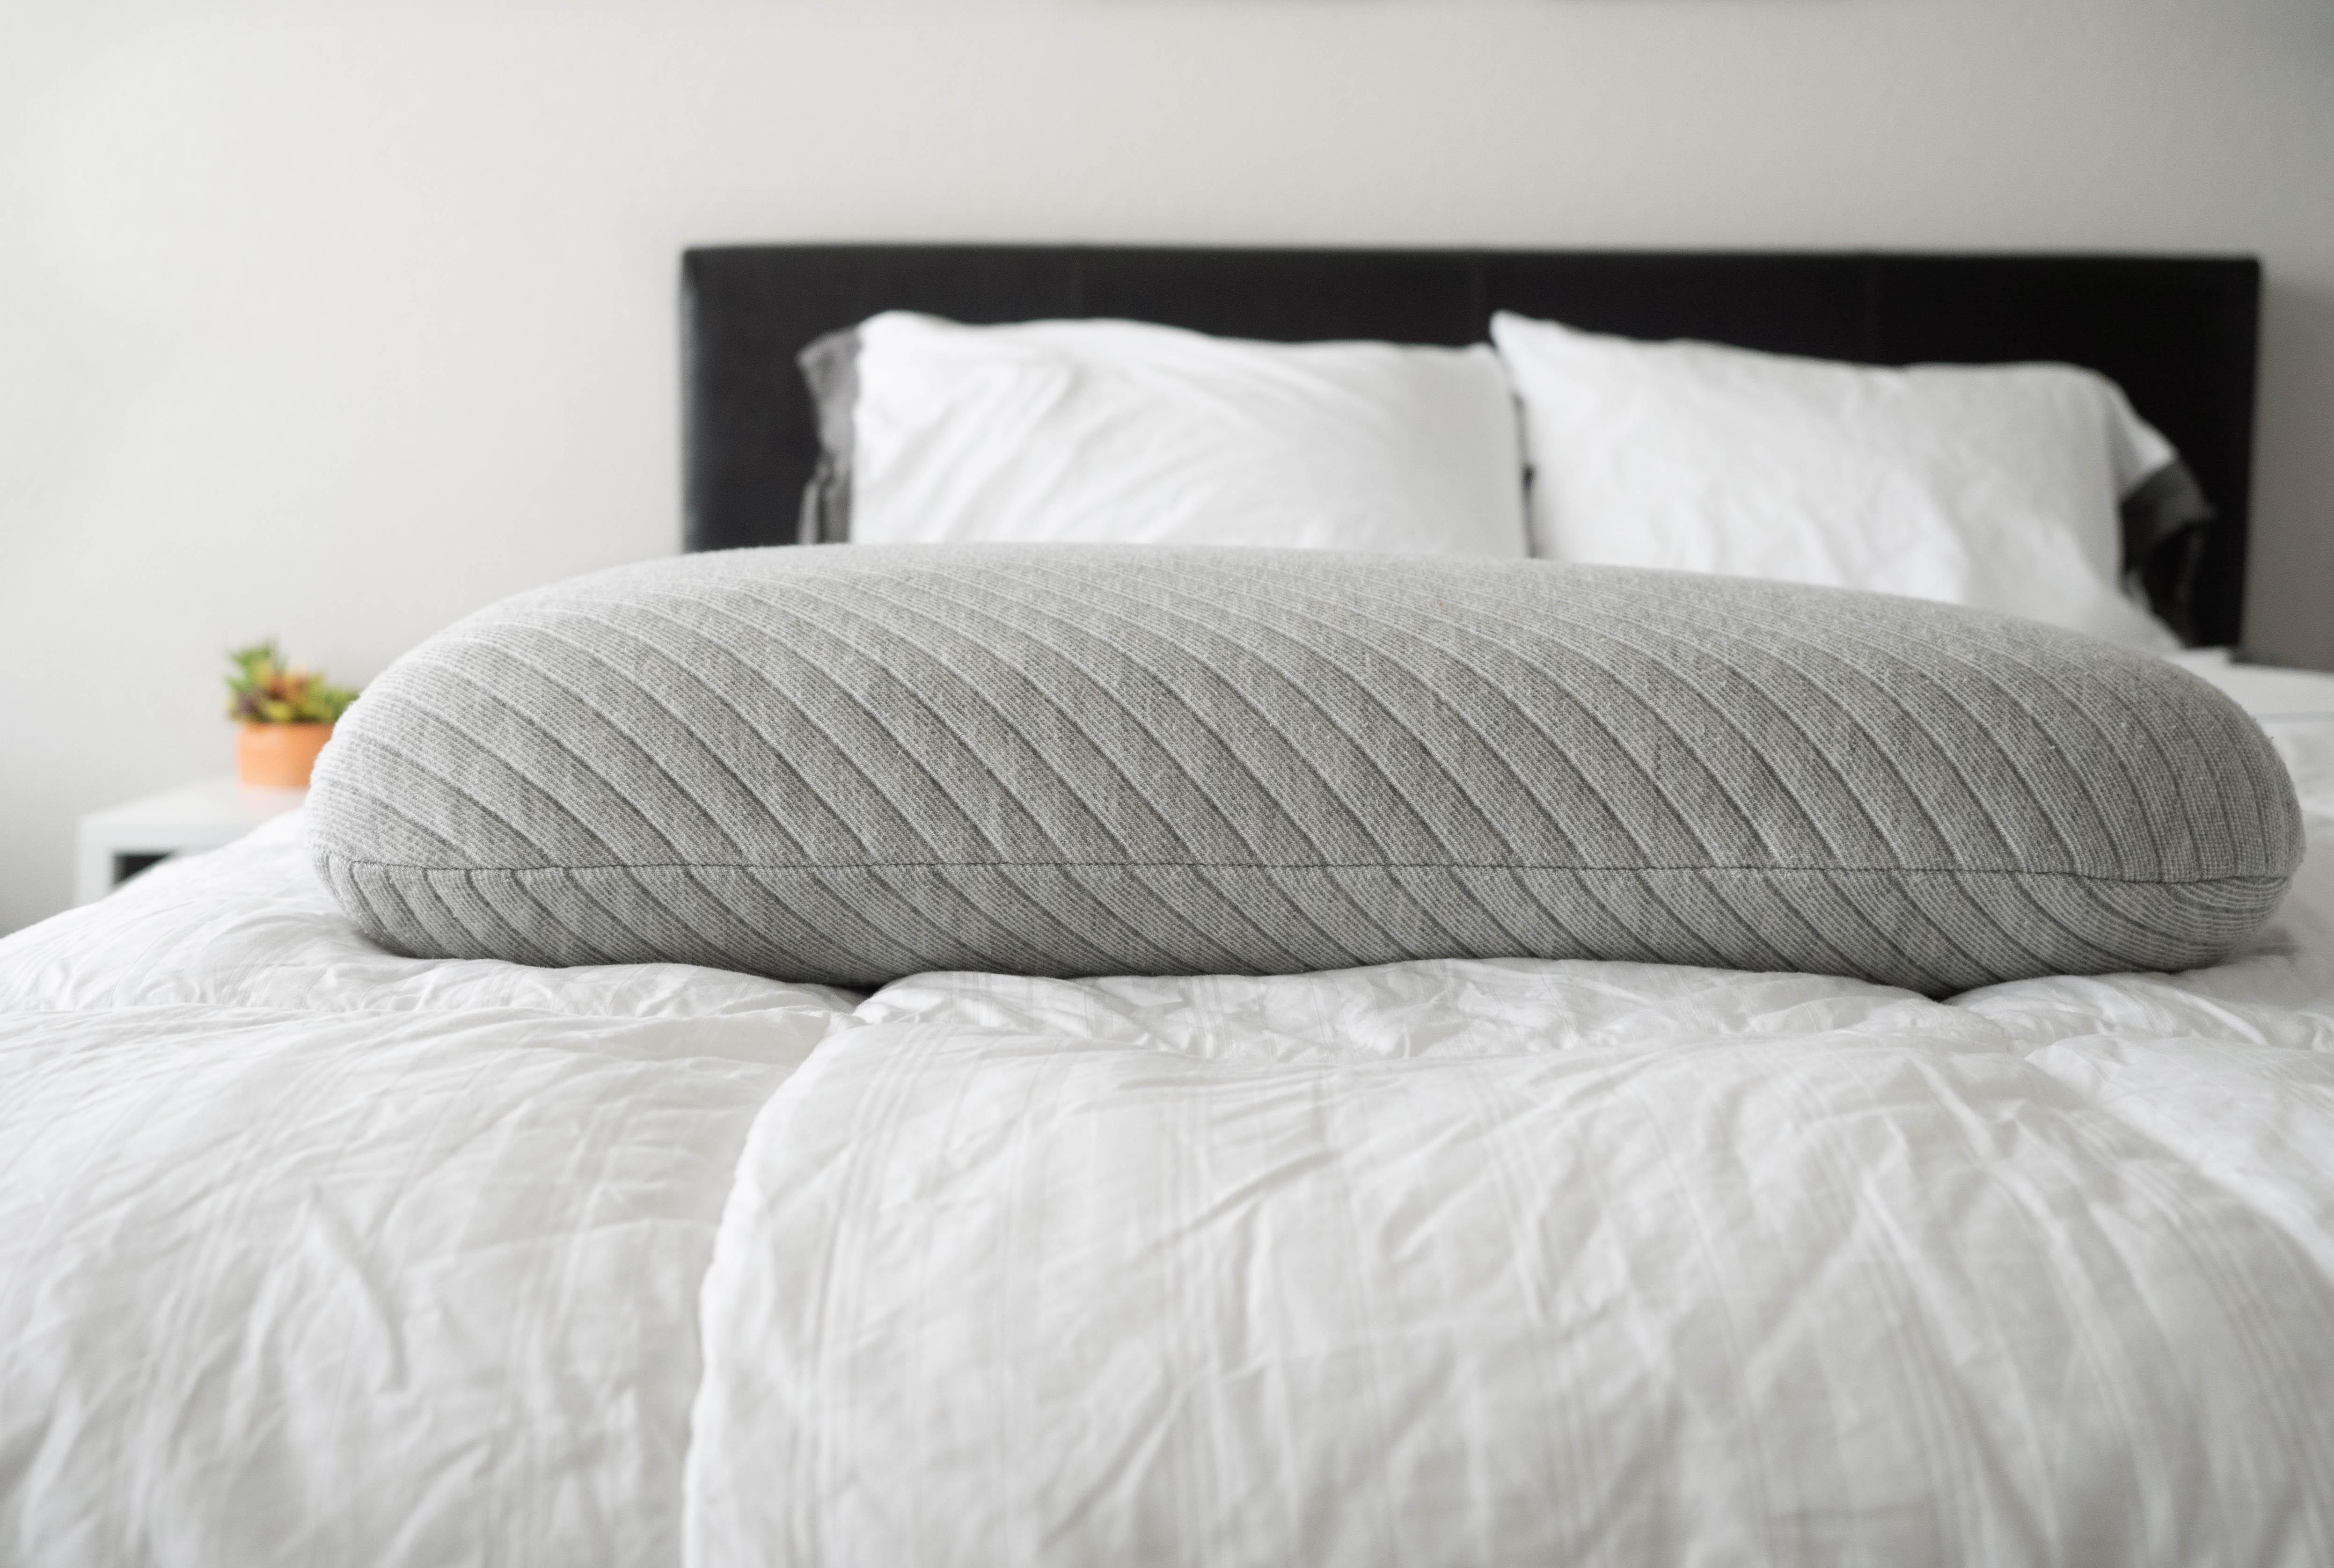 Leesa Pillow Review A Better Foam Option Mattress Clarity